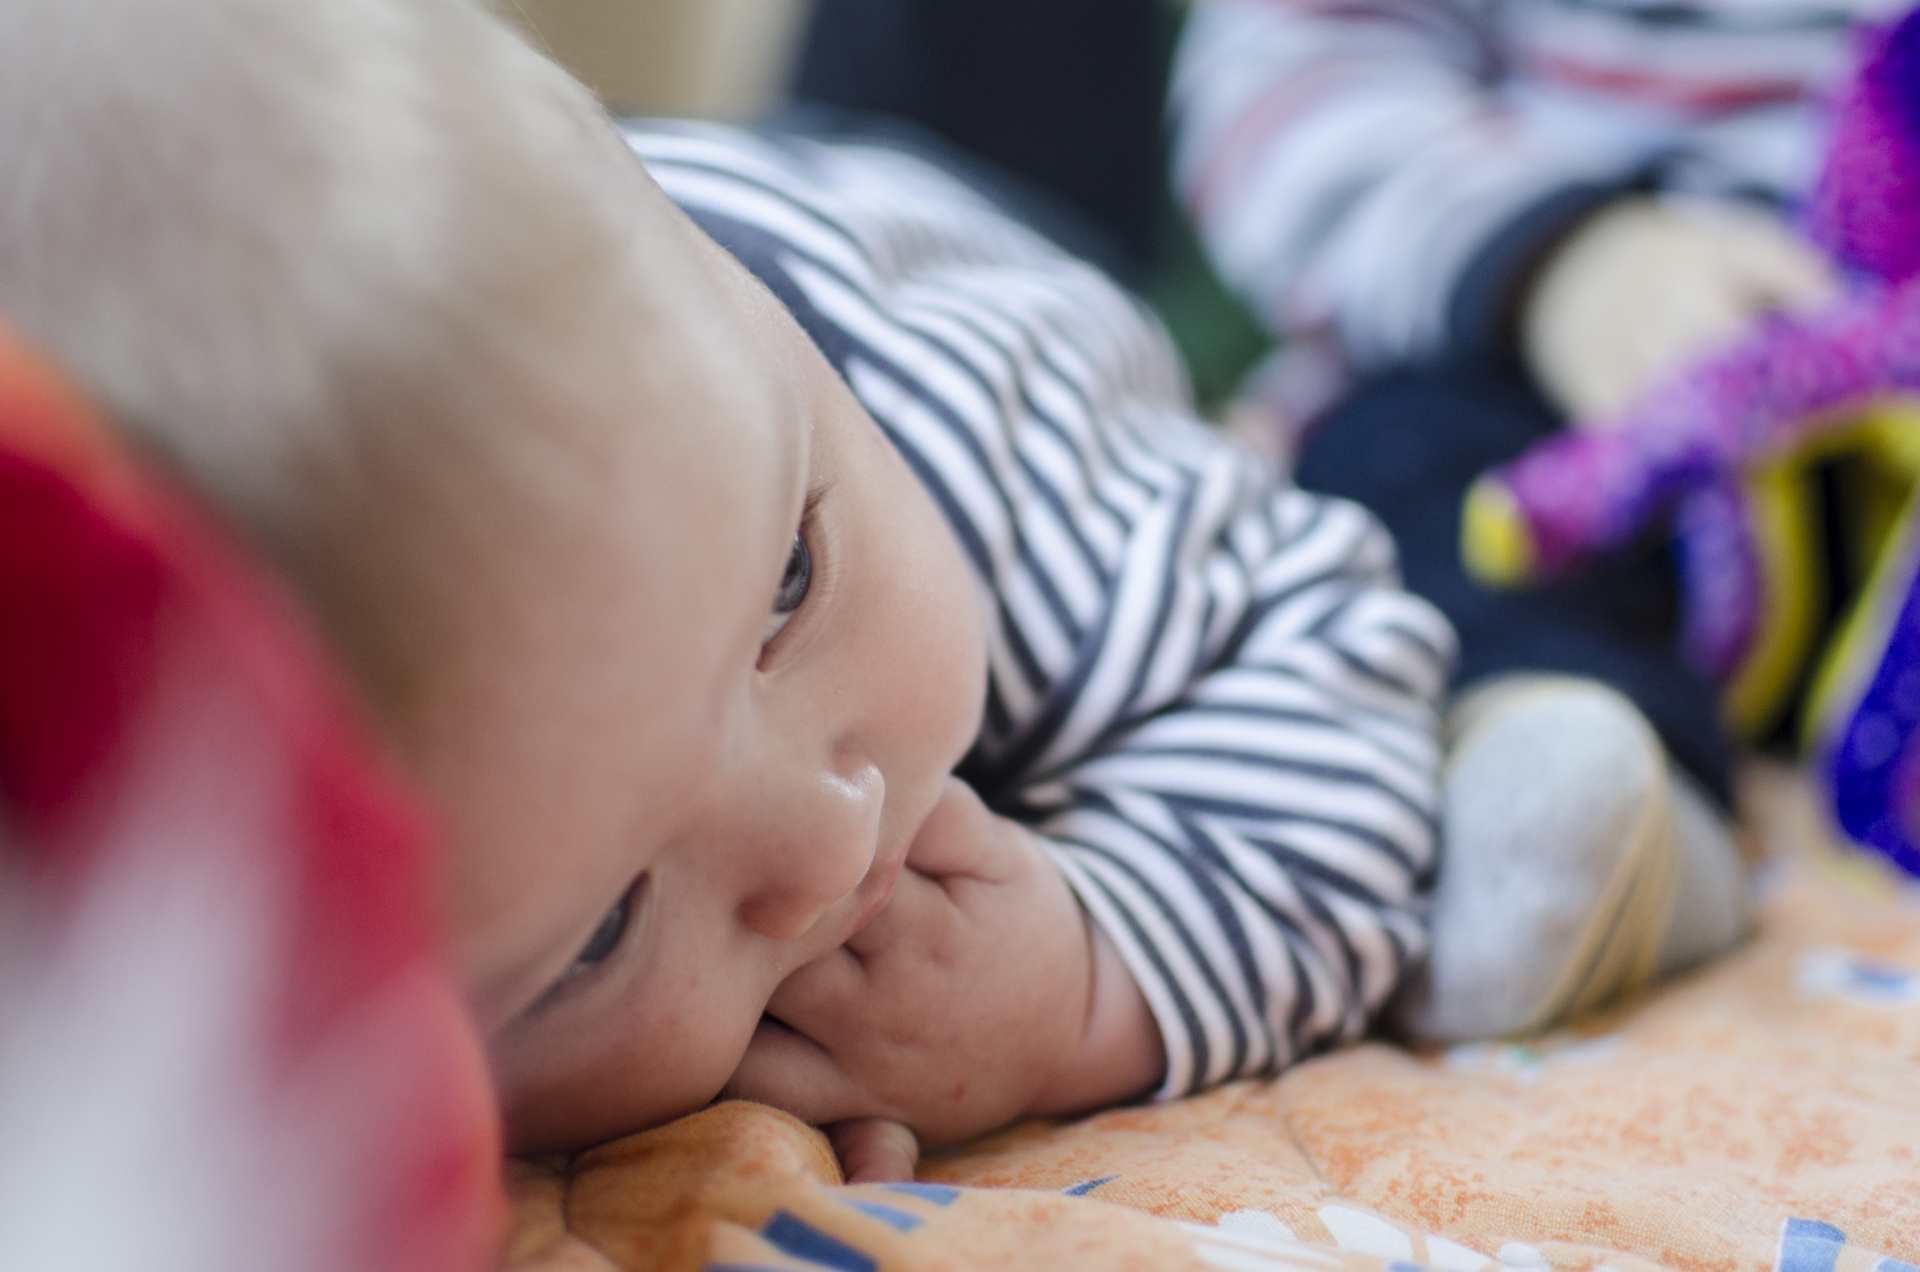 Péče kojeneckých ústavů je drahá a dětem škodí